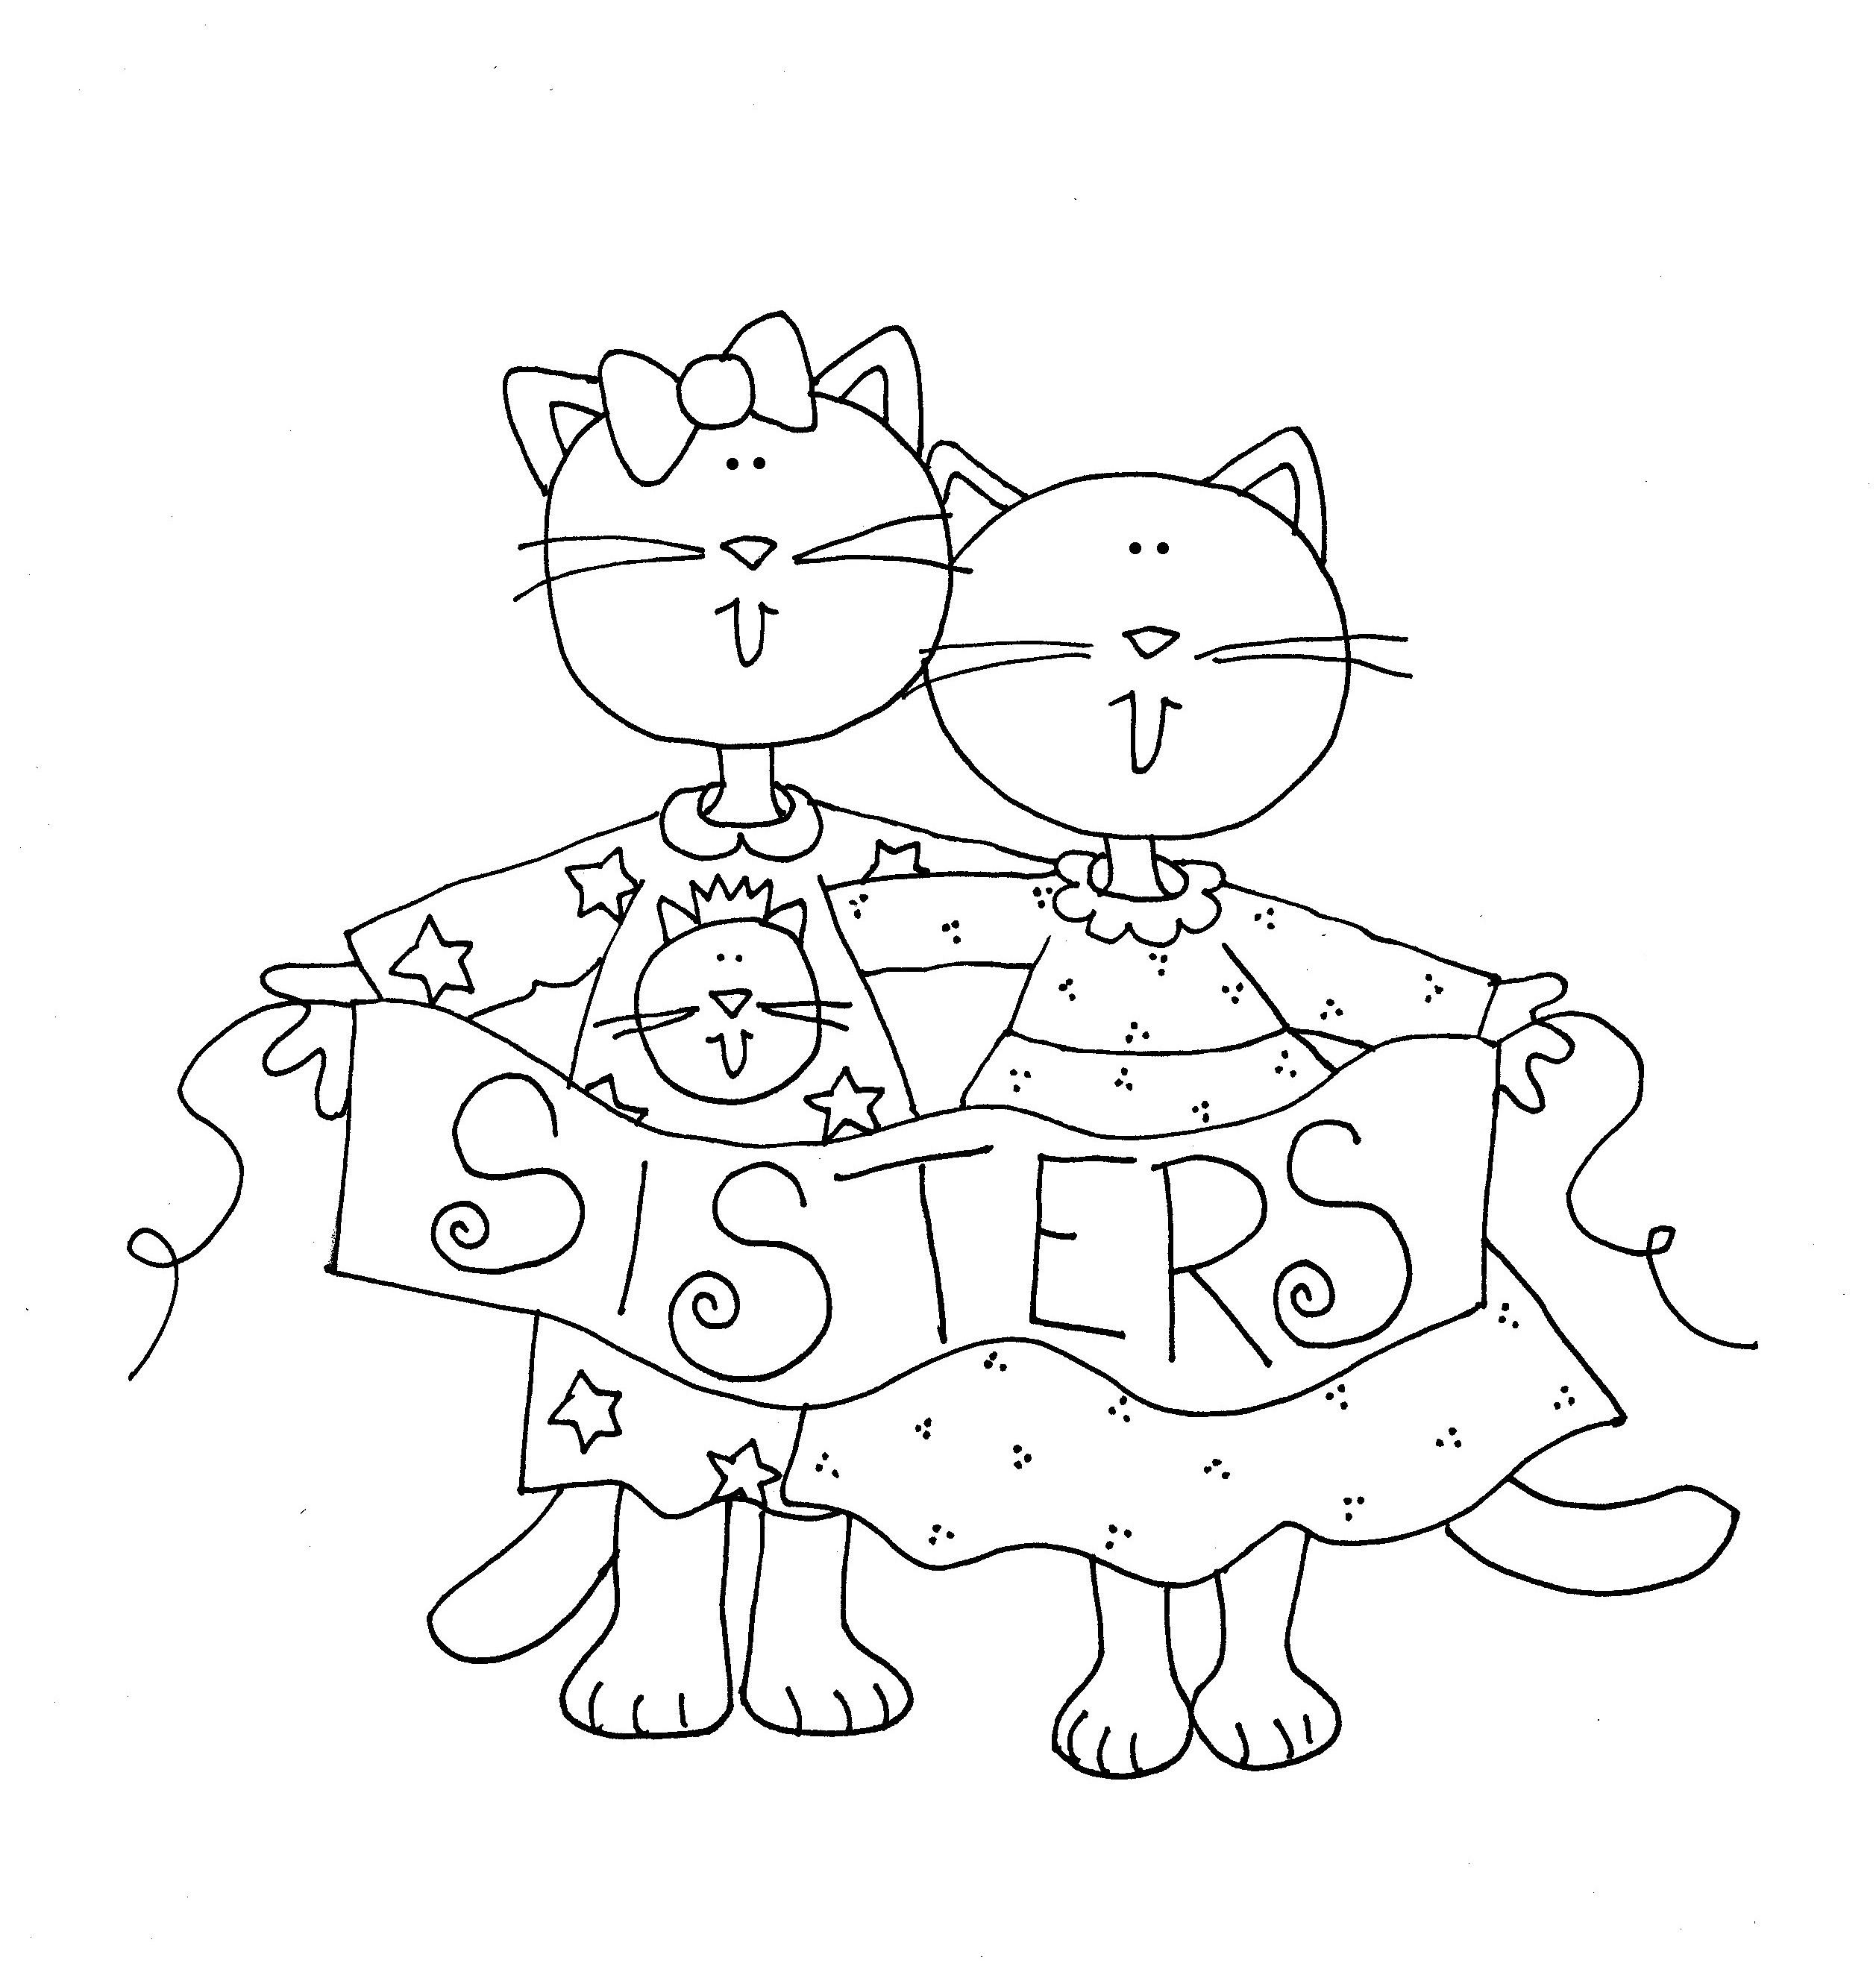 Ausmalbilder Katze Und Hund Inspirierend Cat Sisters Dearie Dolls Digi Stamps Digi Stamps Elegant Hund Und Fotos